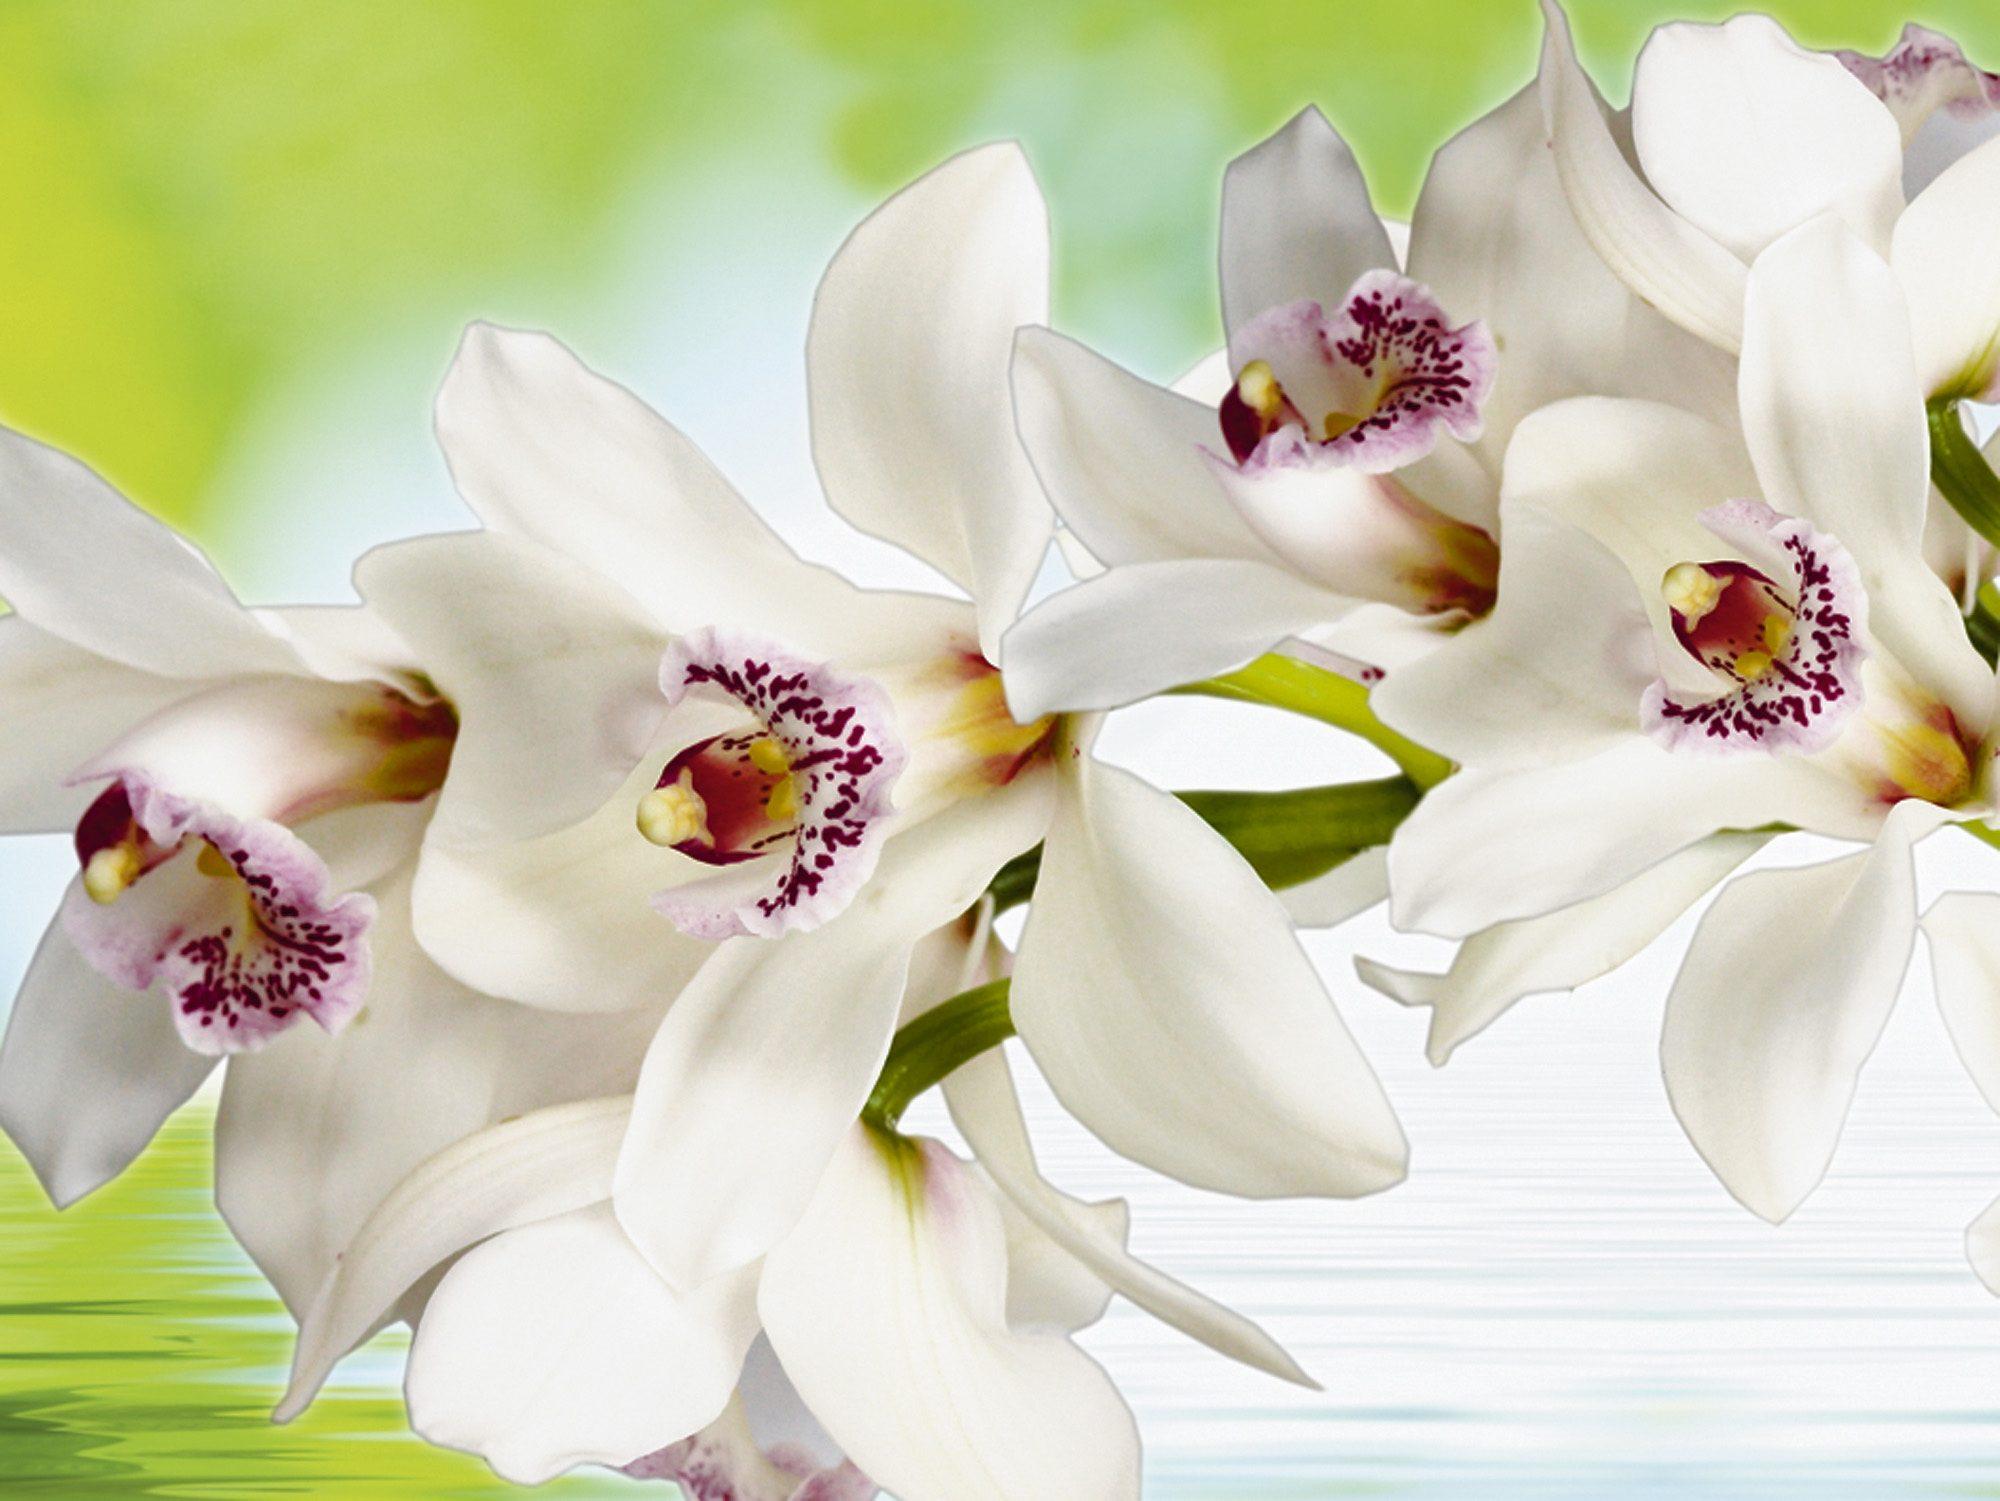 Home affaire, Leinwandbild auf Holzrahmen, »Weiße Orchidee«, 80/60 cm